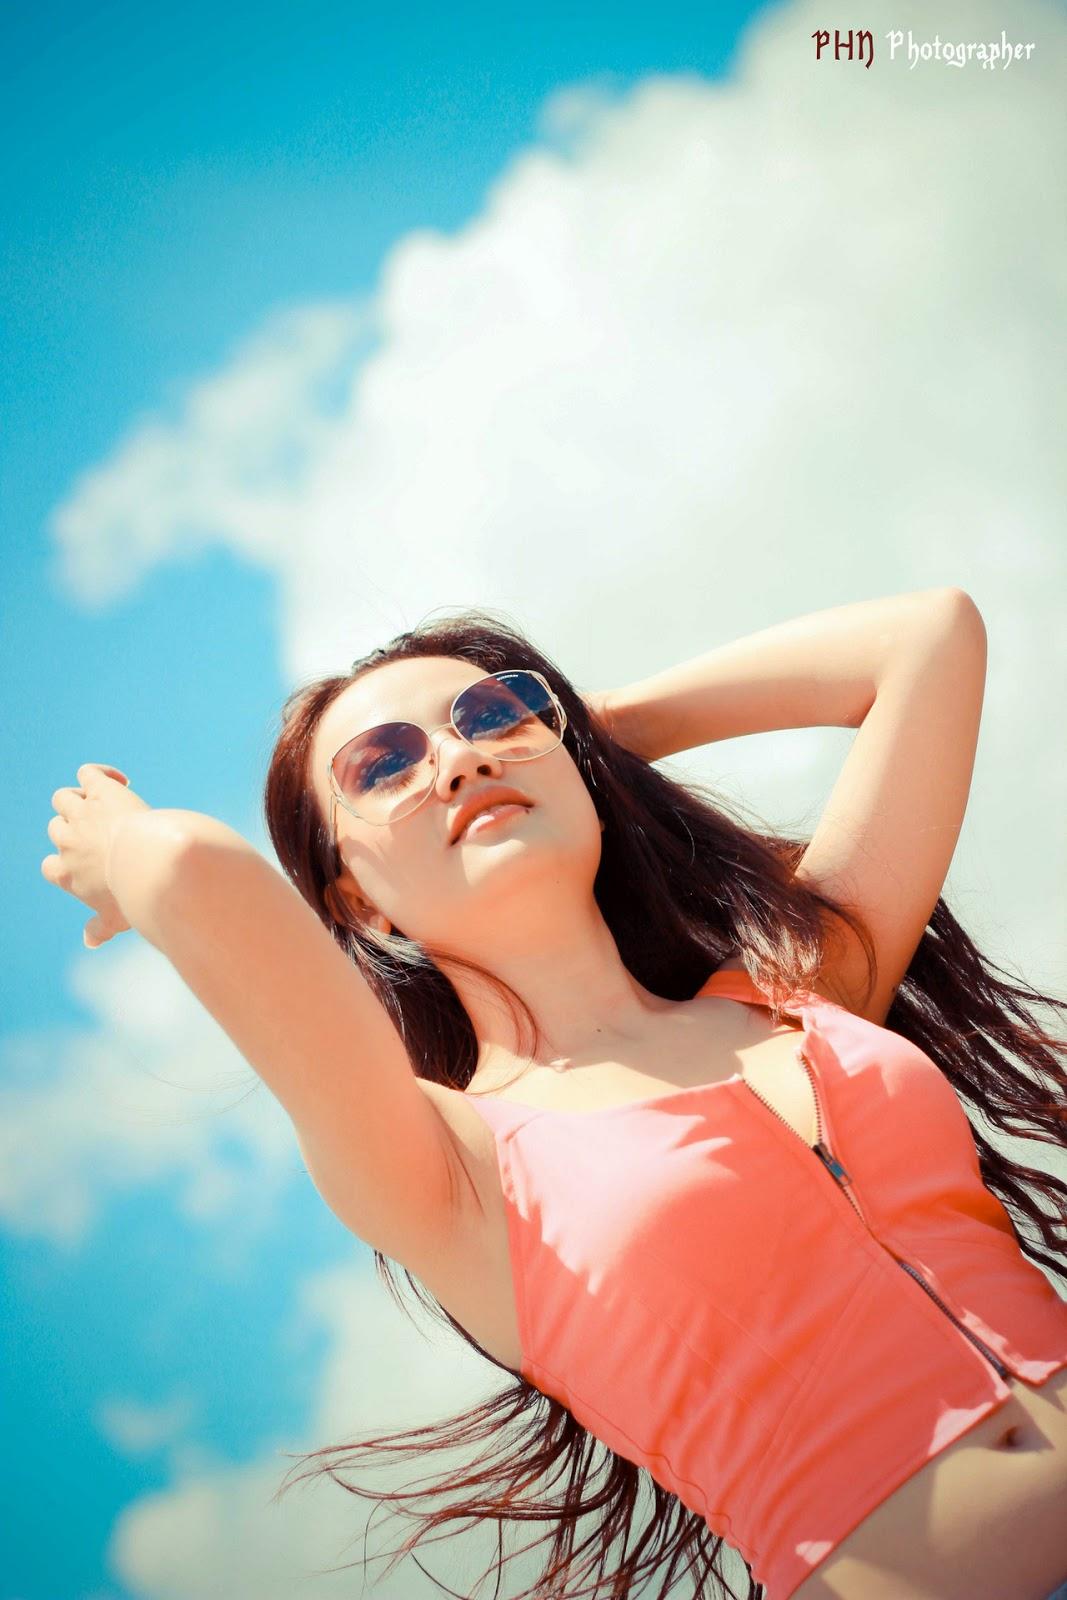 Ảnh đẹp girl xinh Việt Nam Việt Nam - Ảnh 27